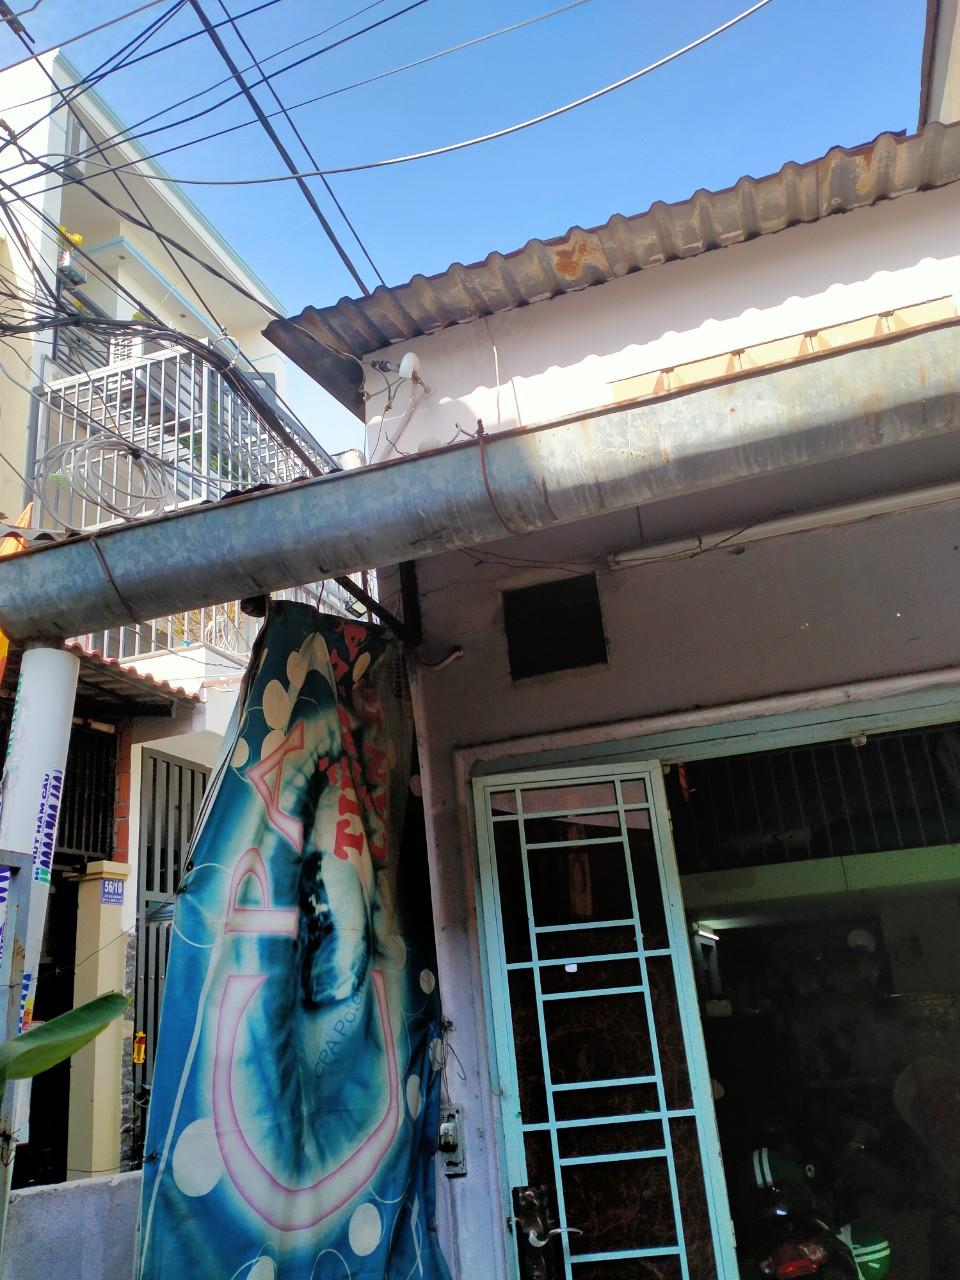 Bán nhà quận Bình Tân dưới 2 tỷ sổ hồng riêng đường số 3 Bình Hưng Hòa A